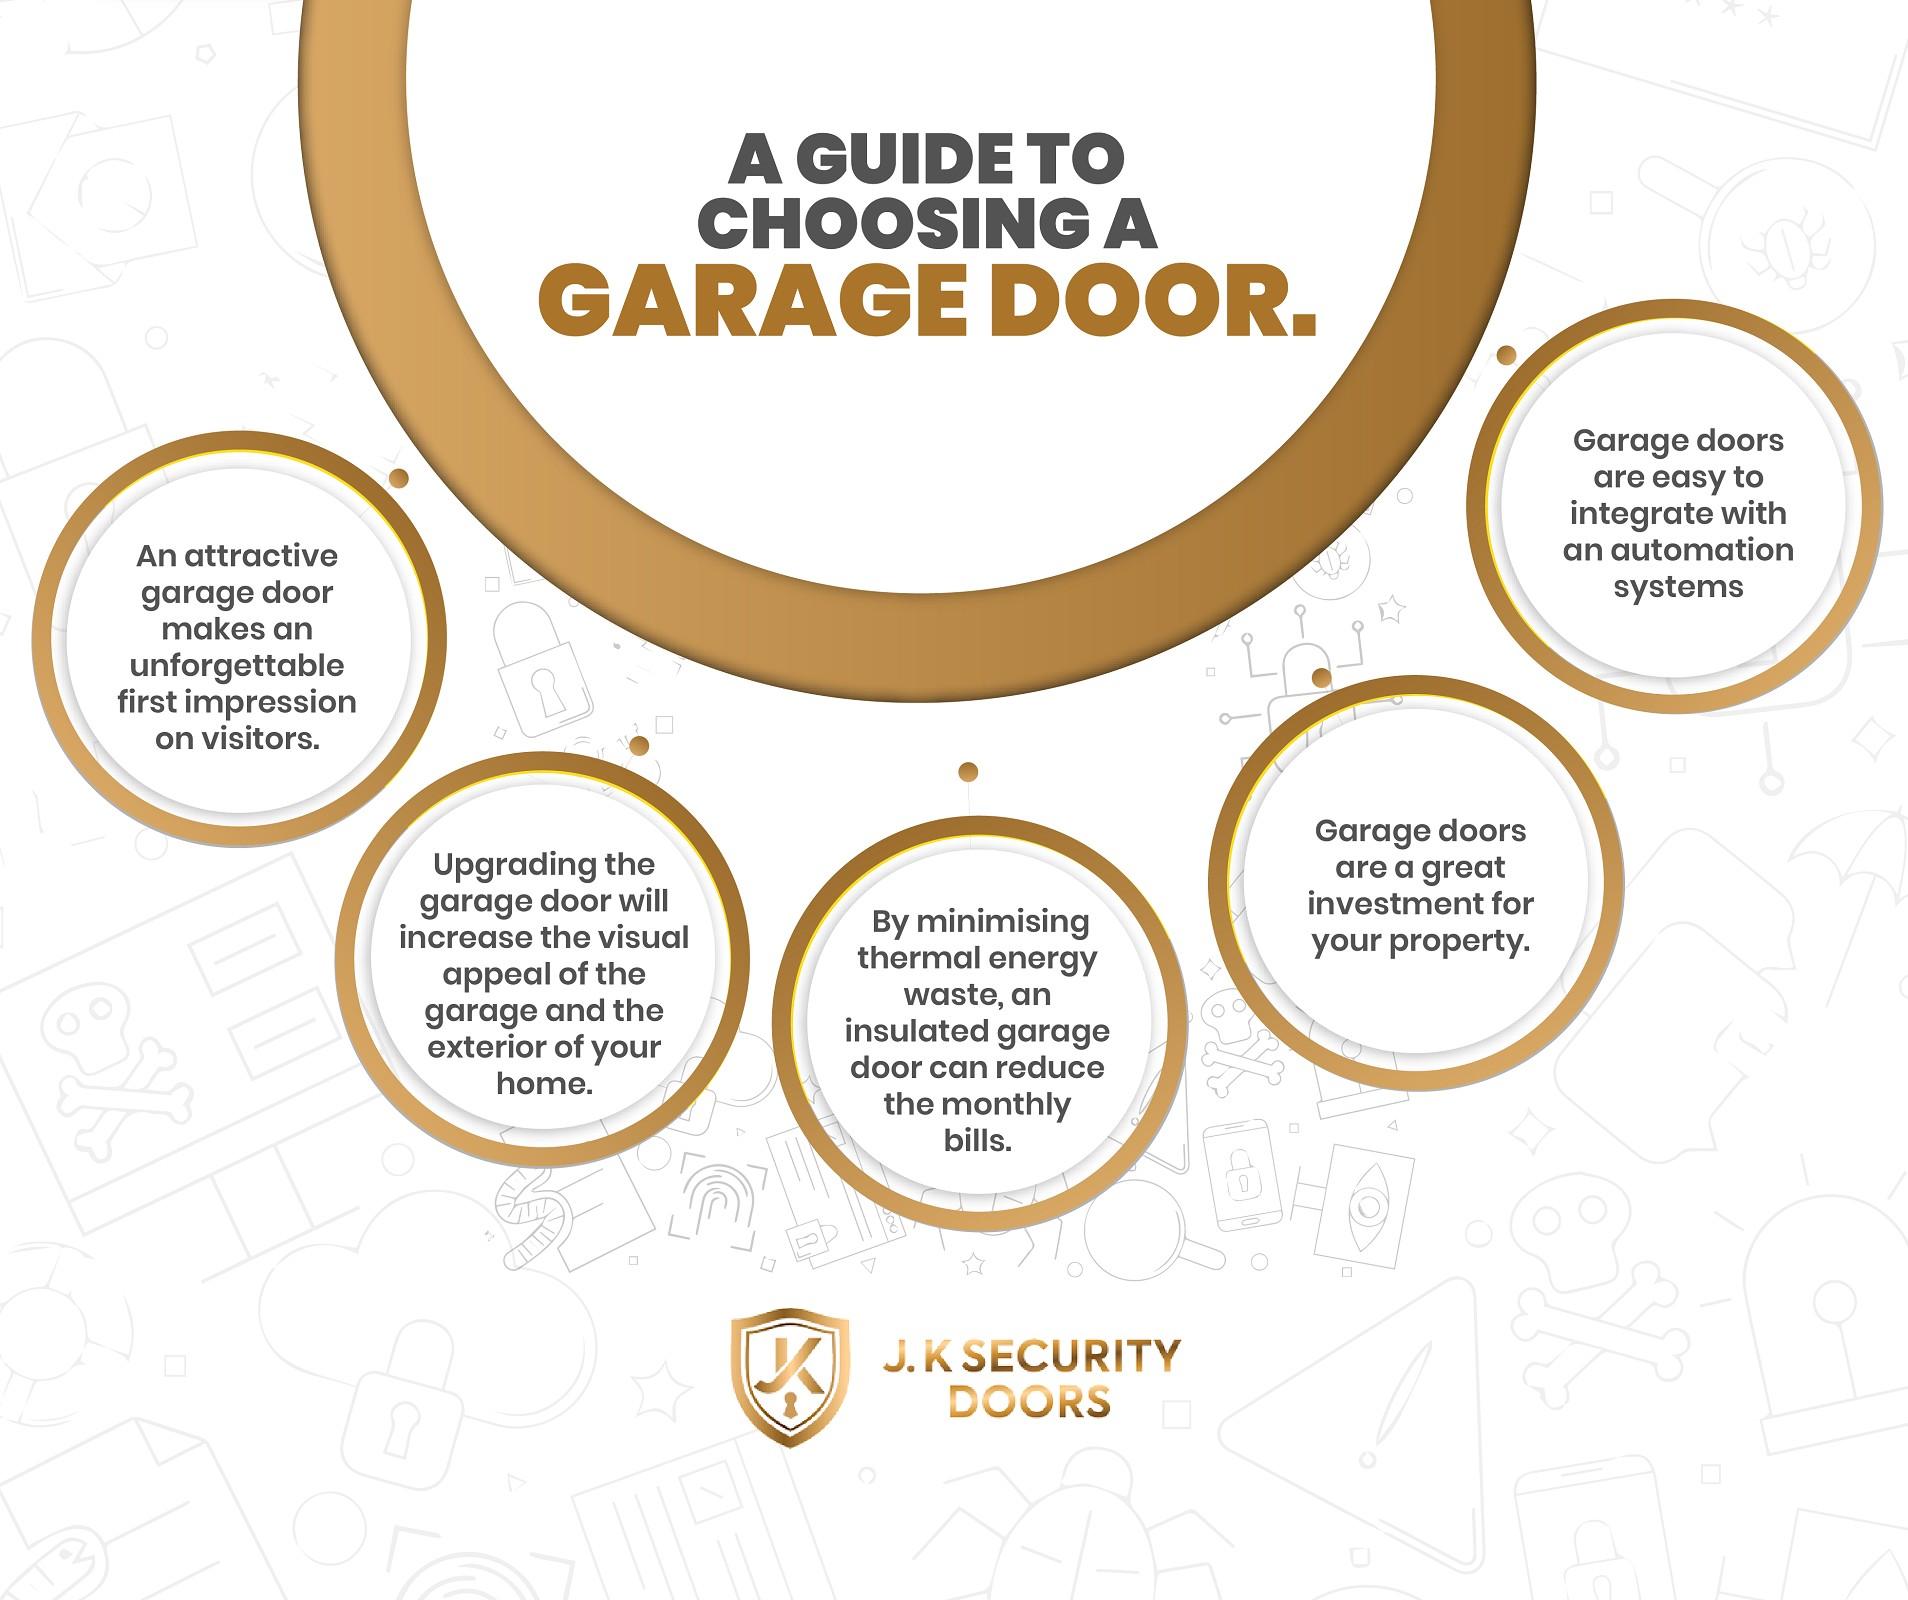 Garage Door Company  in London - J.K Security Doors